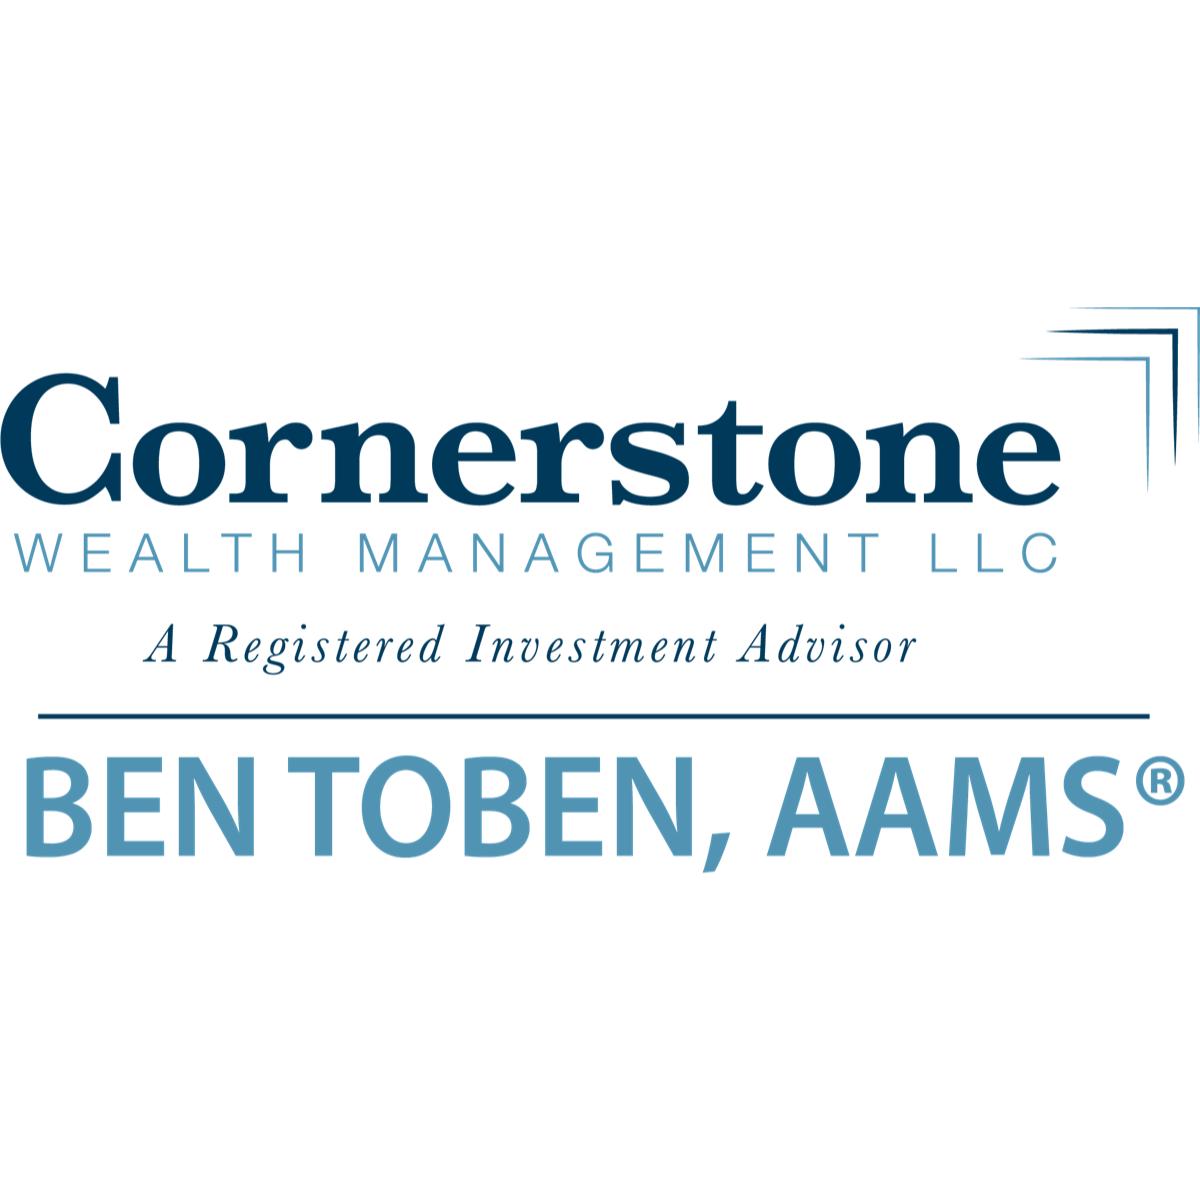 Cornerstone Wealth Management - Ben Toben